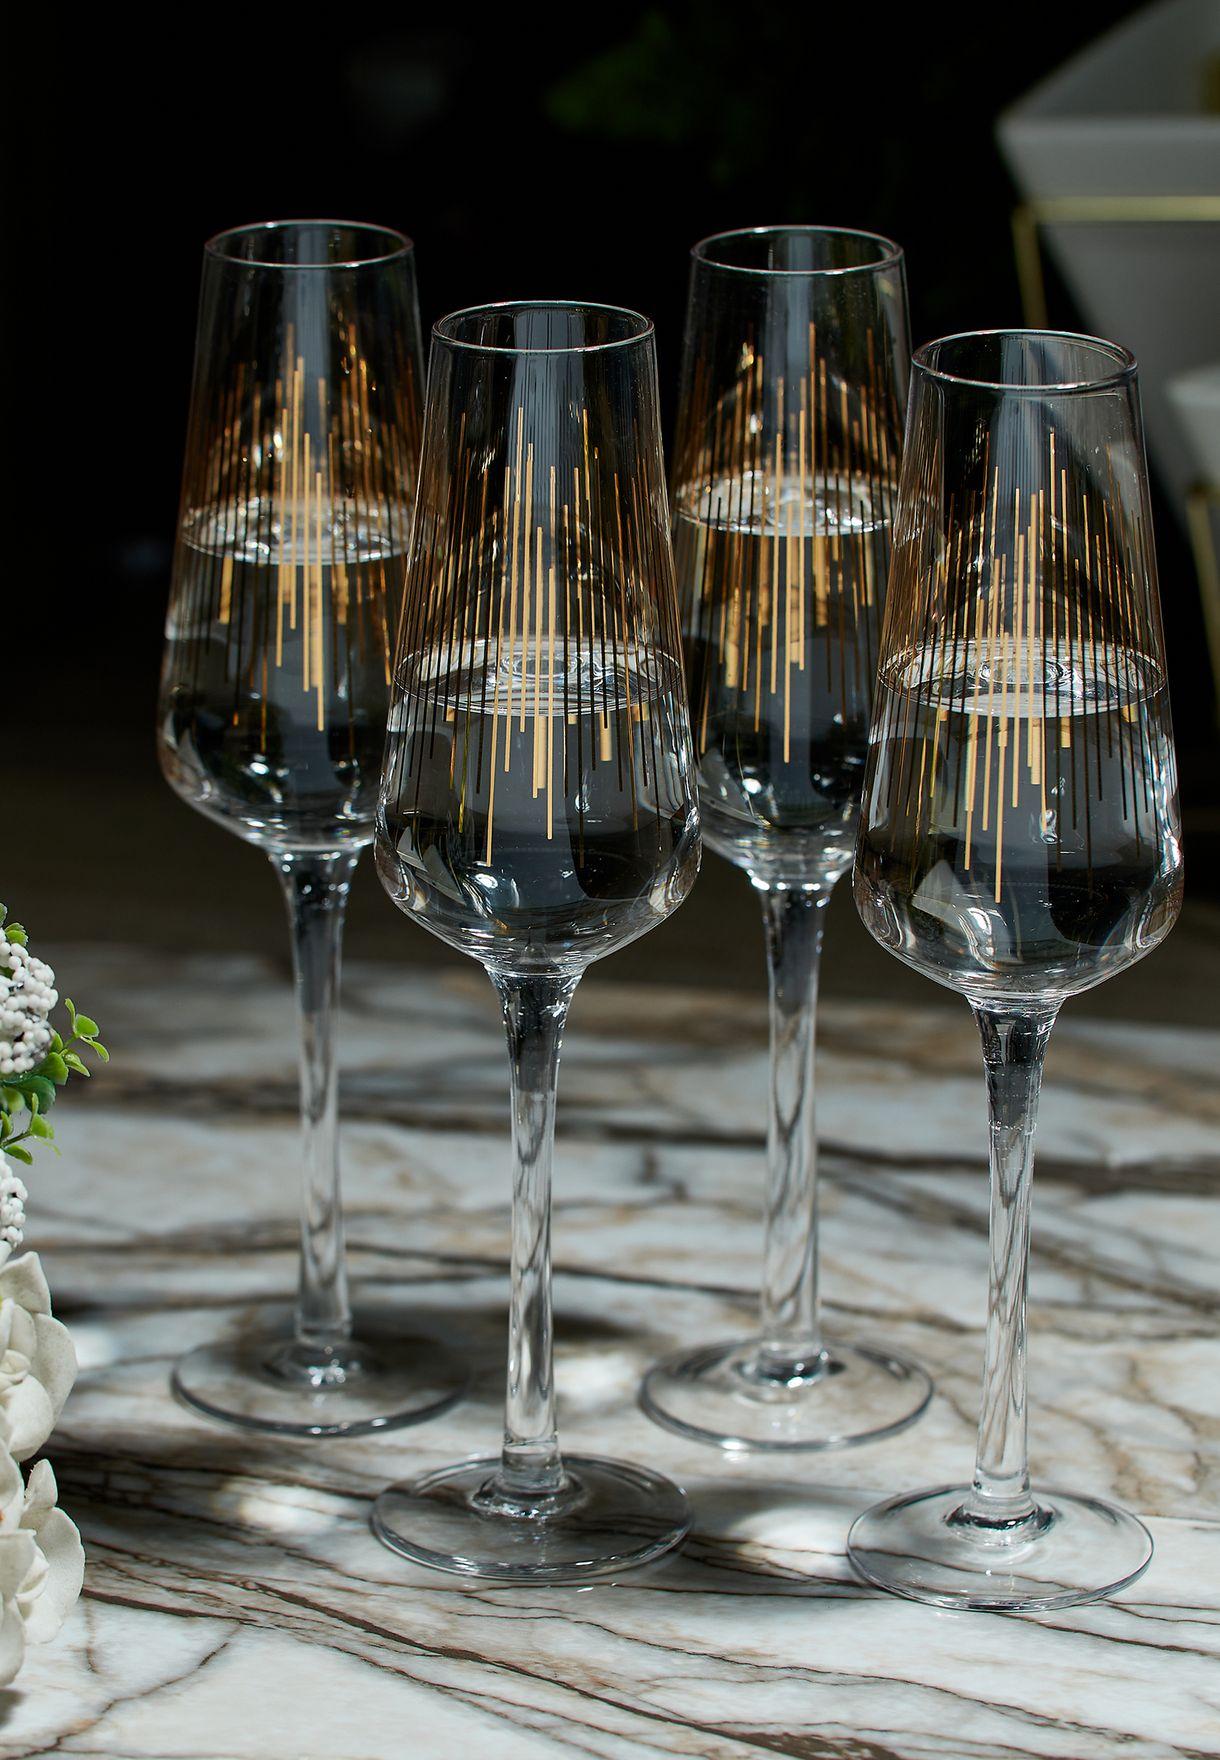 مجموعة اكواب زجاجية عدد 4